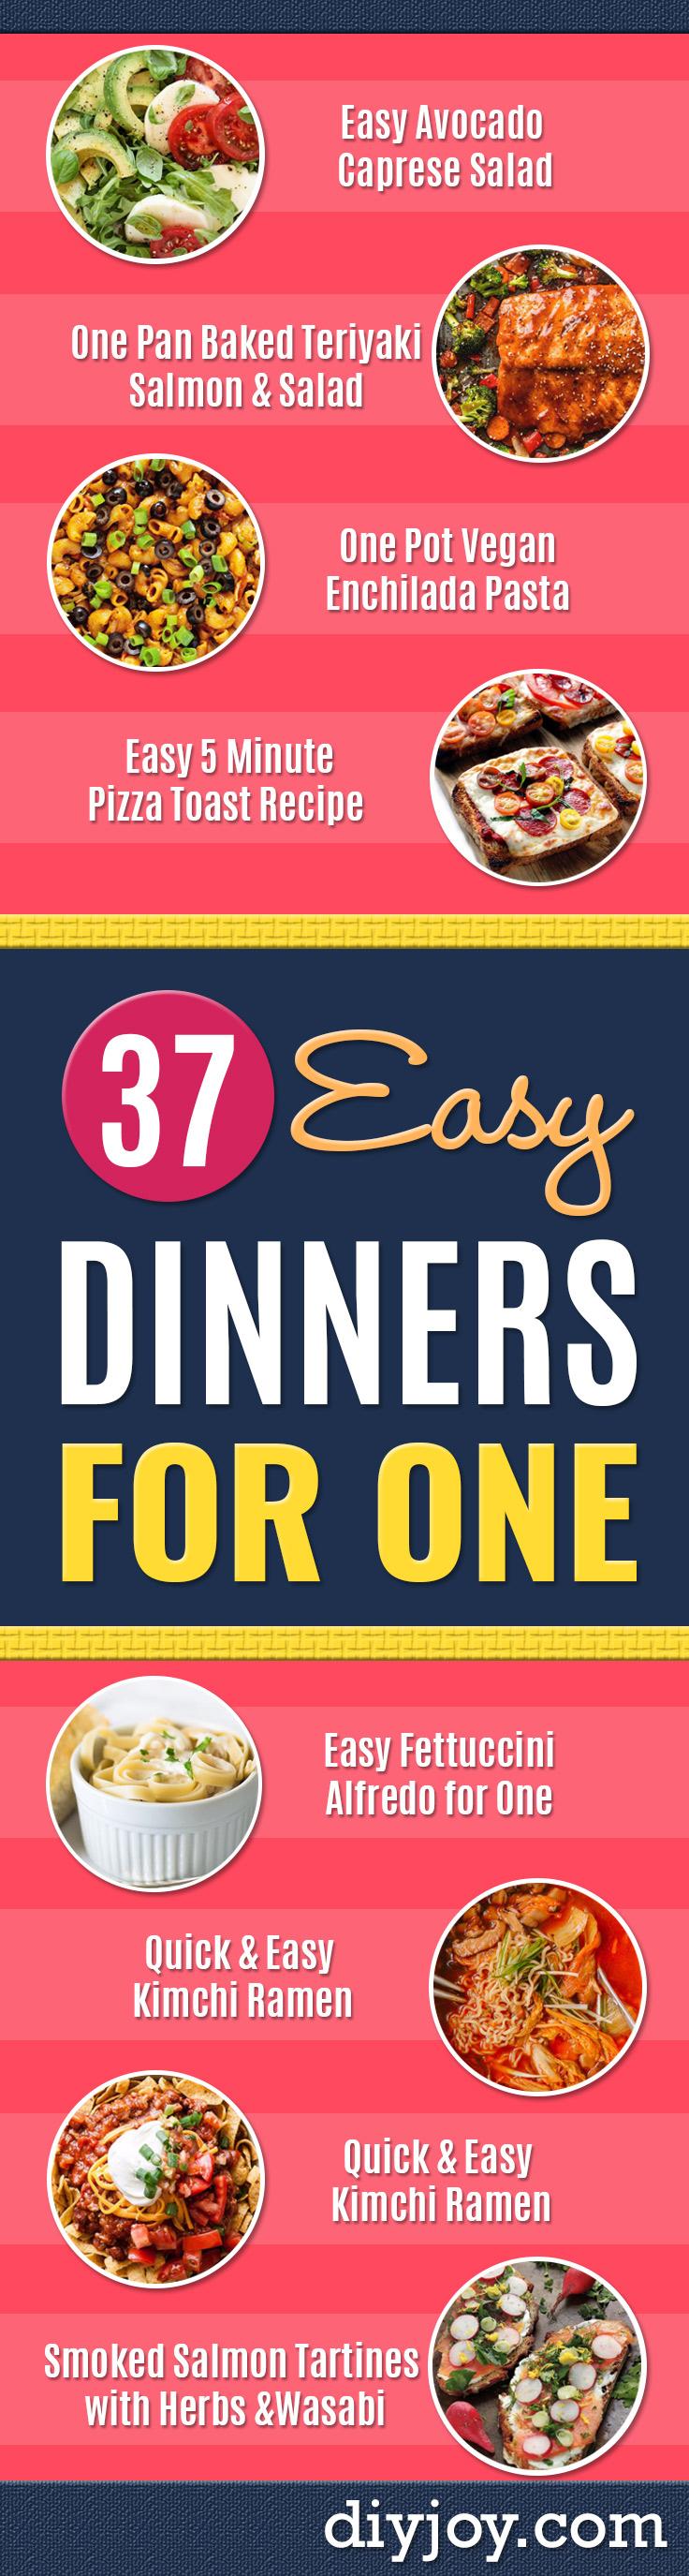 Easy Dinner Ideas For One